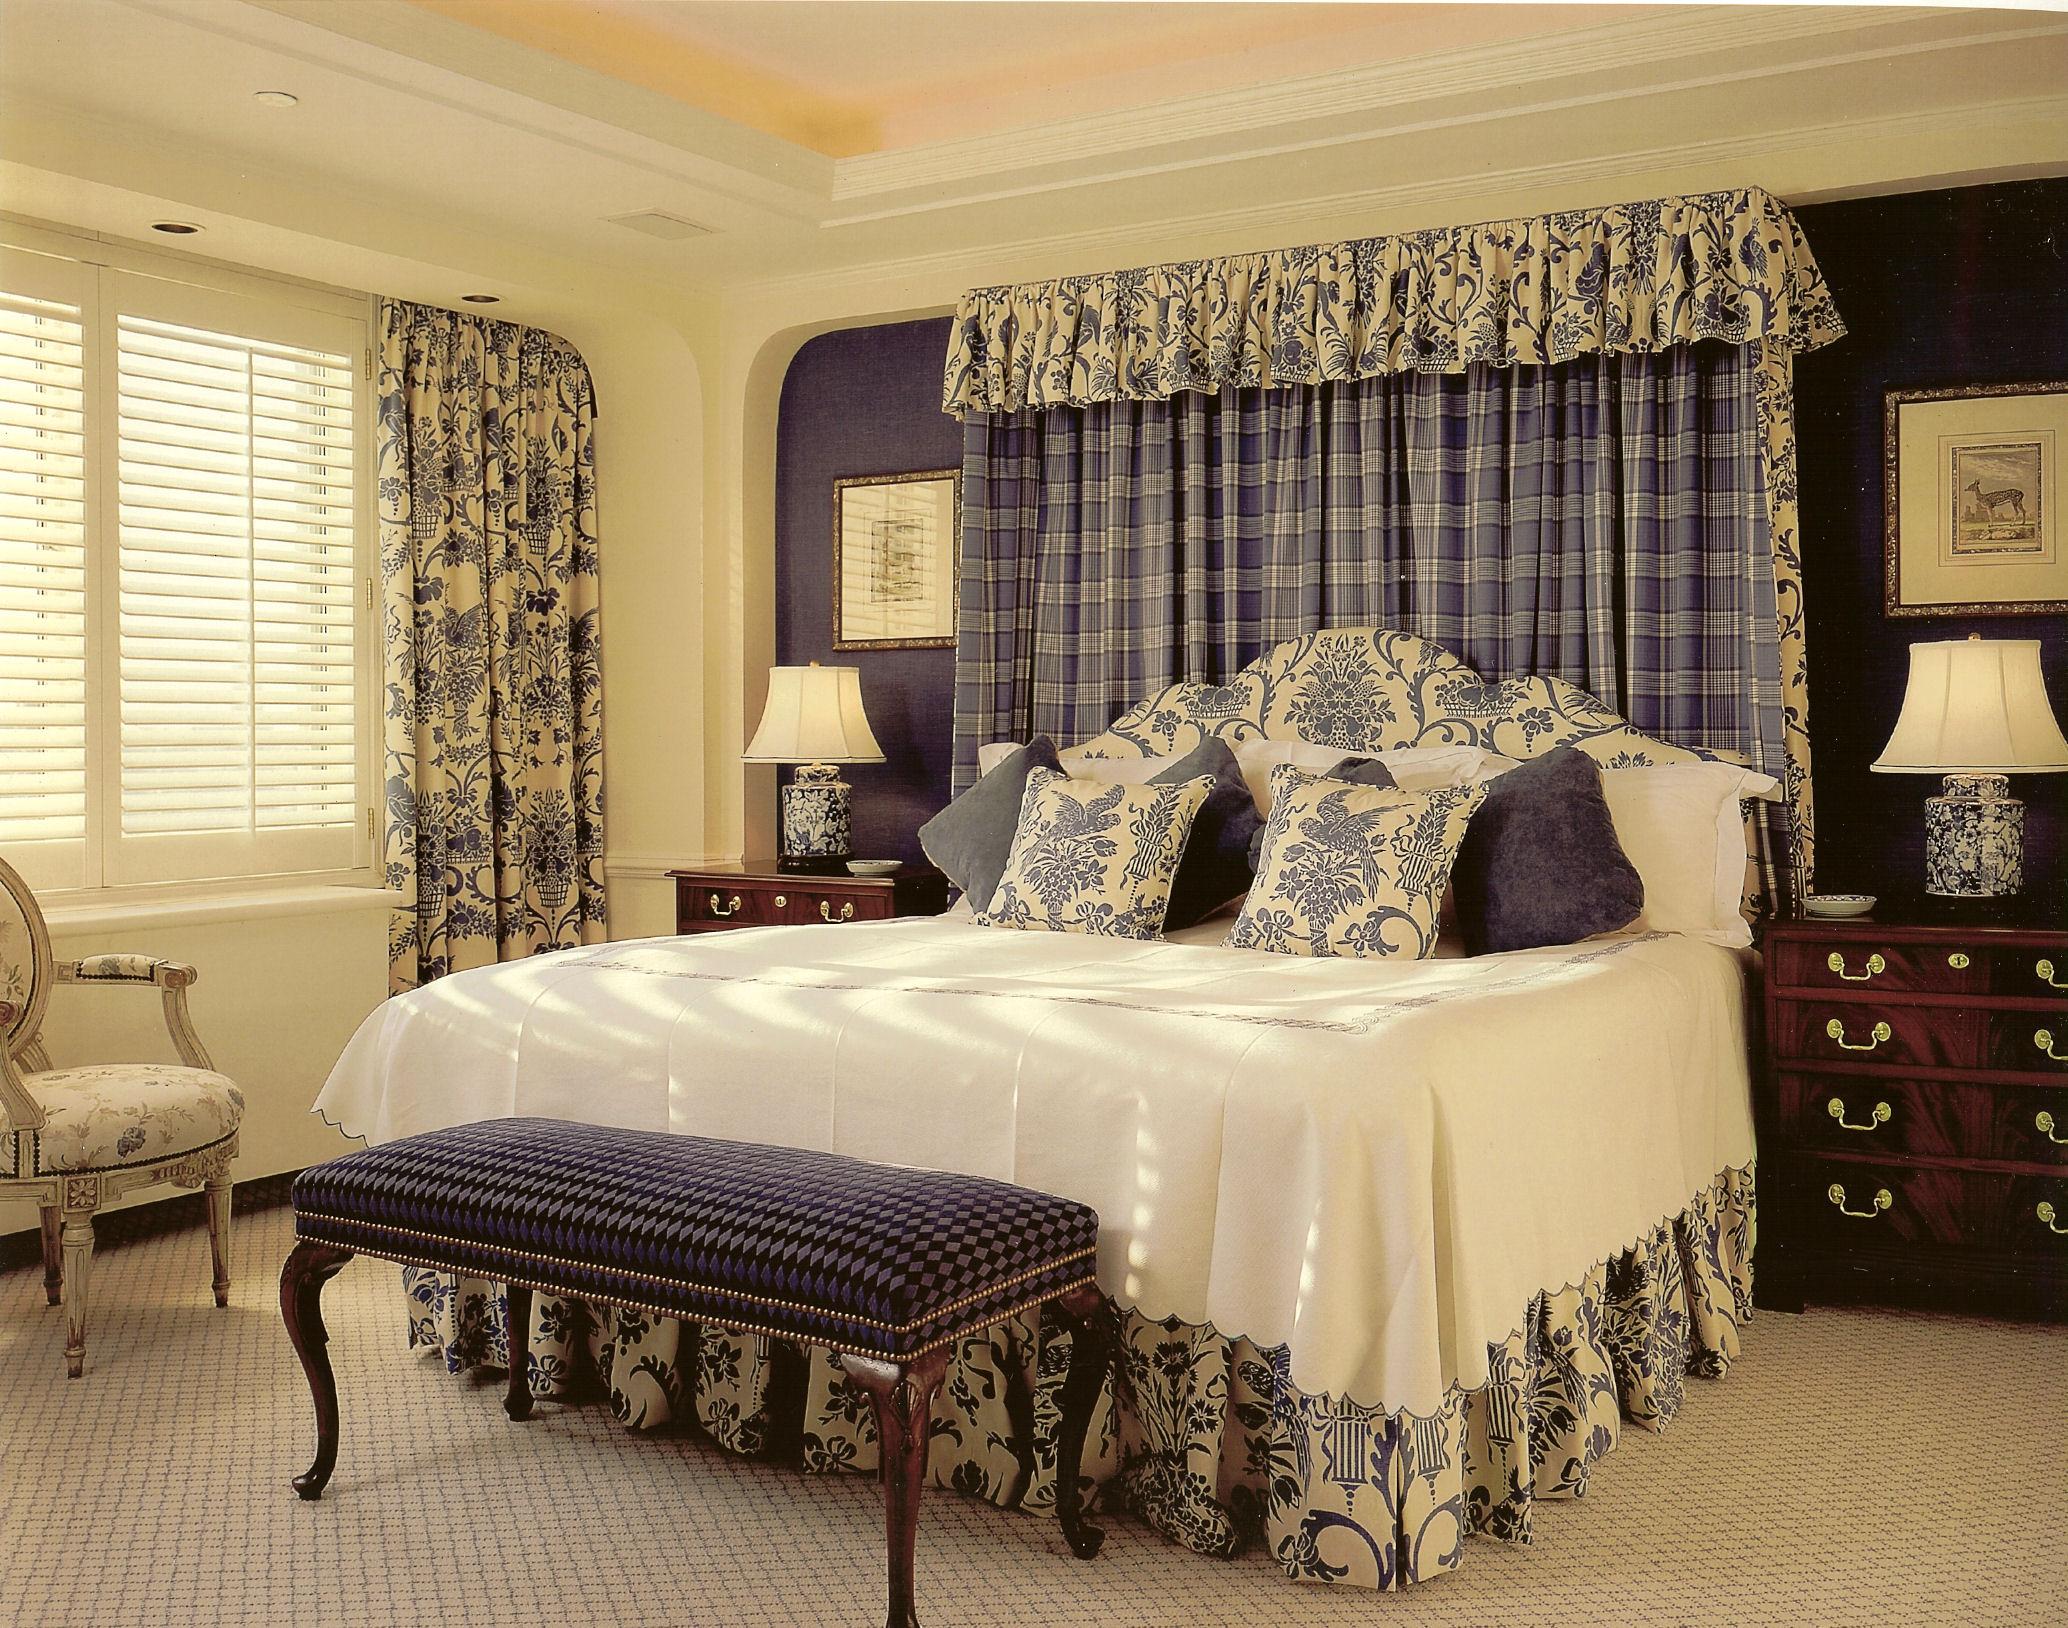 تلآمس الذوق الرفيع.. Elegant-bedroom-with